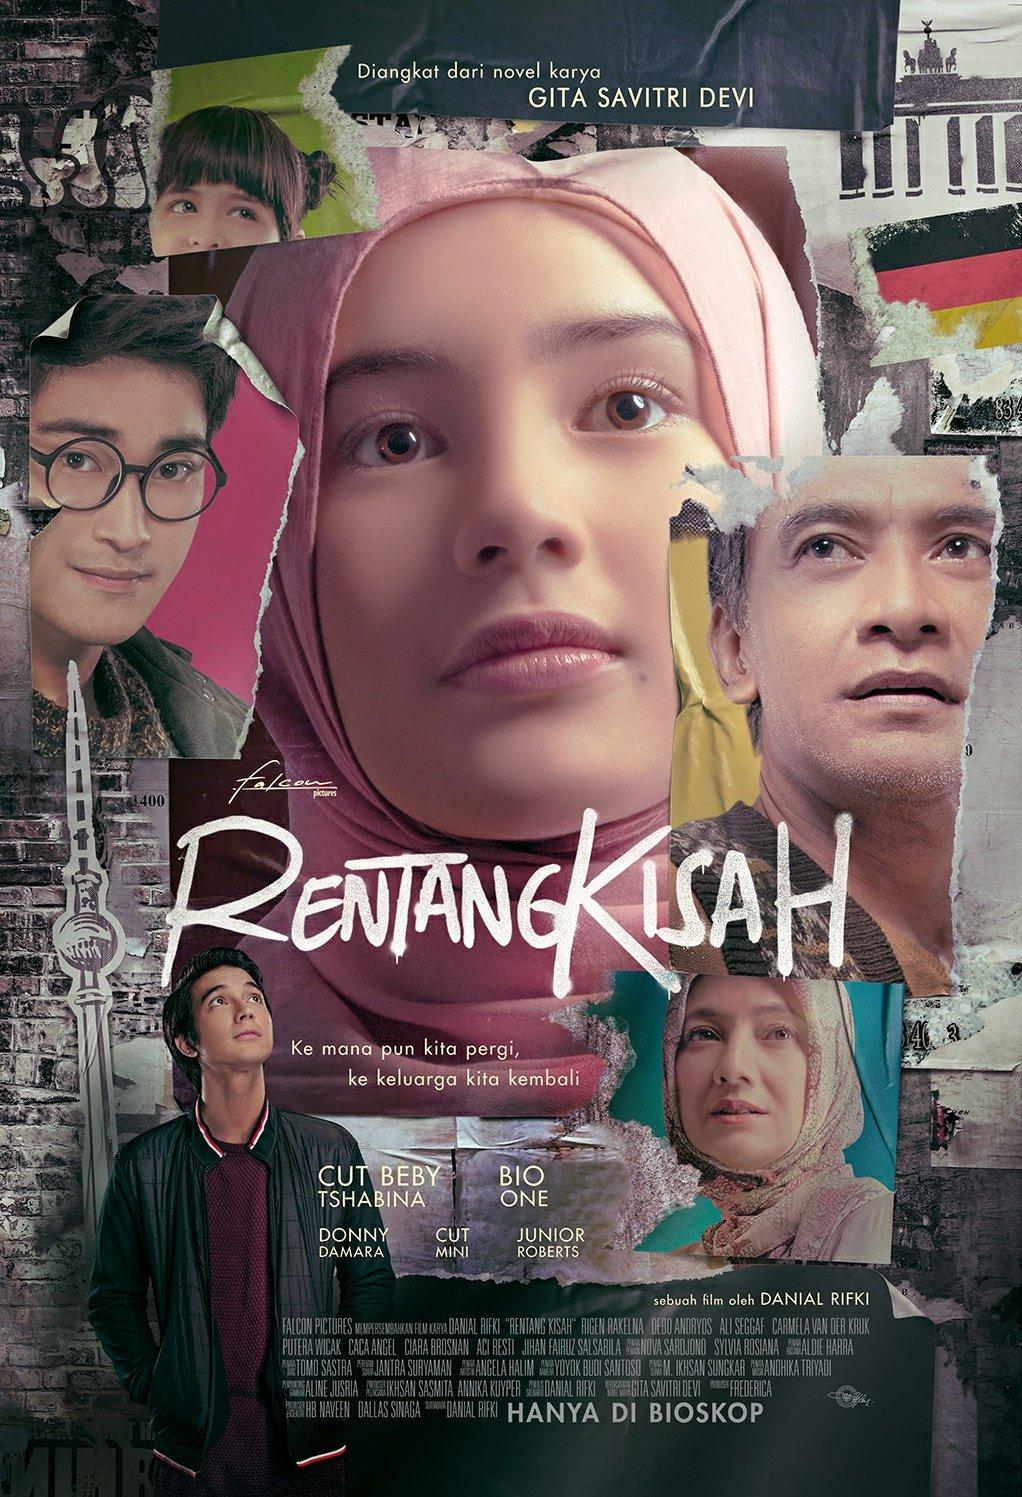 Download Rentang Kisah (2020) Full Movie | Stream Rentang Kisah (2020) Full HD | Watch Rentang Kisah (2020) | Free Download Rentang Kisah (2020) Full Movie